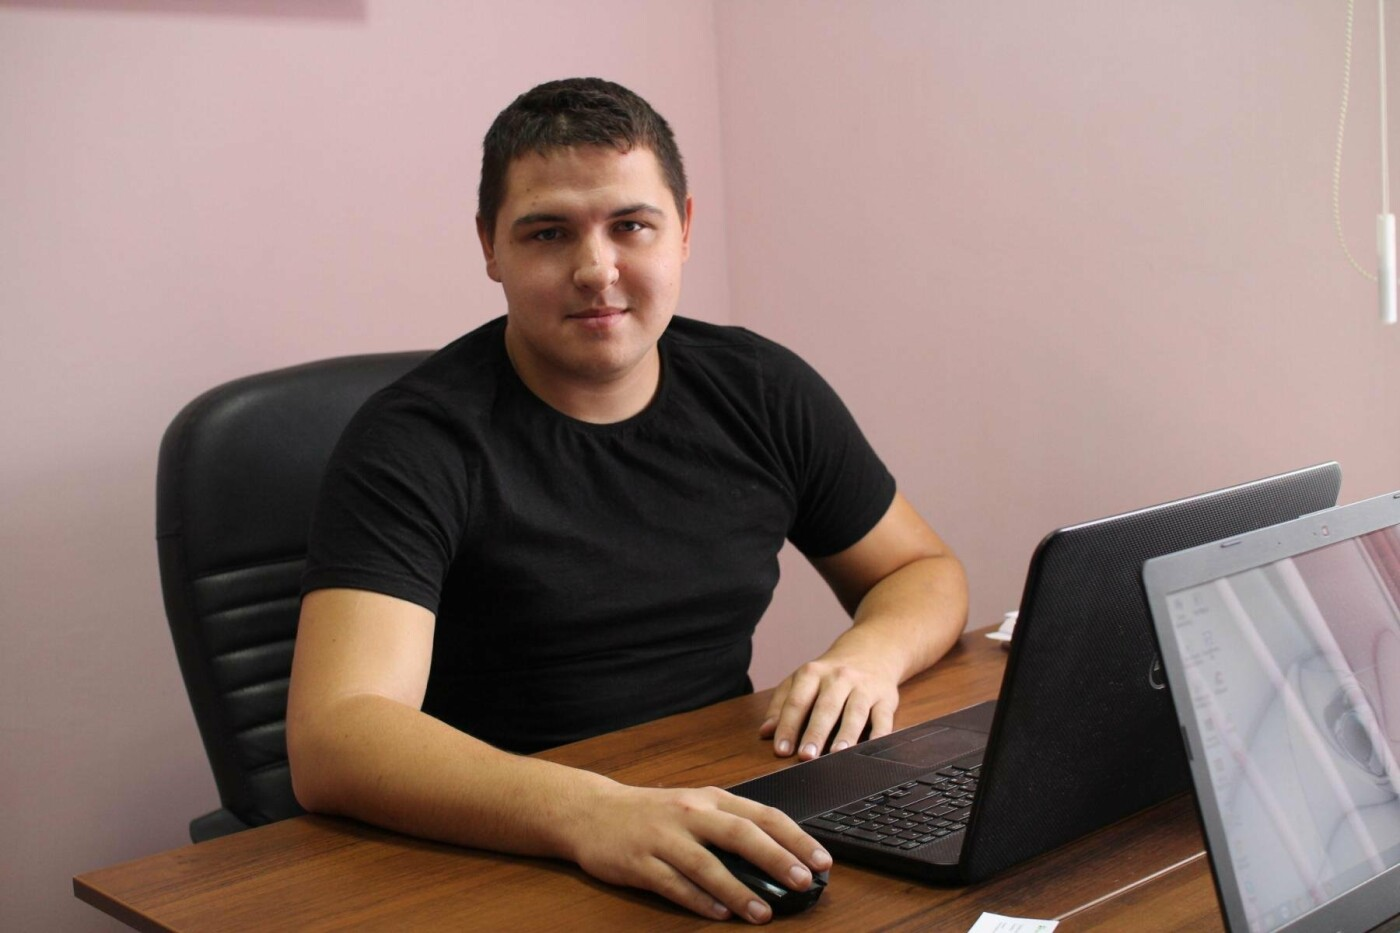 «Уже через 4 месяца ты сможешь работать в IT»: история запорожской школы, в которой готовят айтишников, фото-3